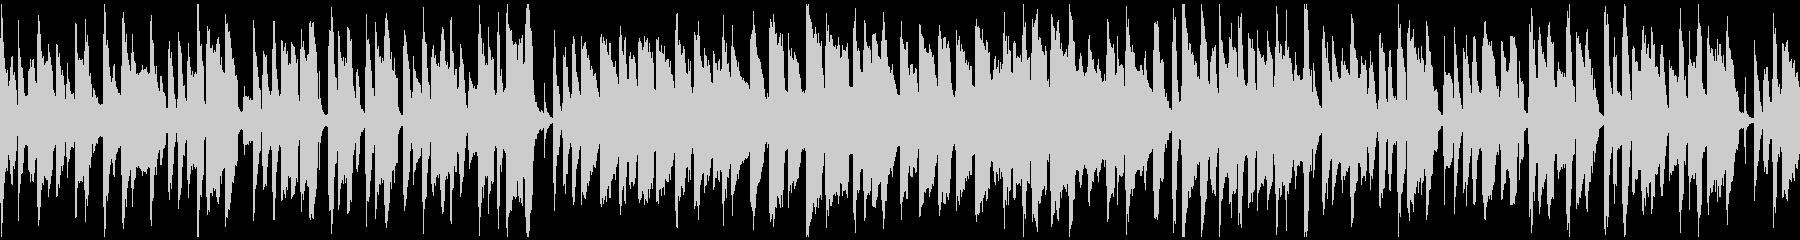 素朴、ほのぼの脱力系リコーダー※ループ版の未再生の波形